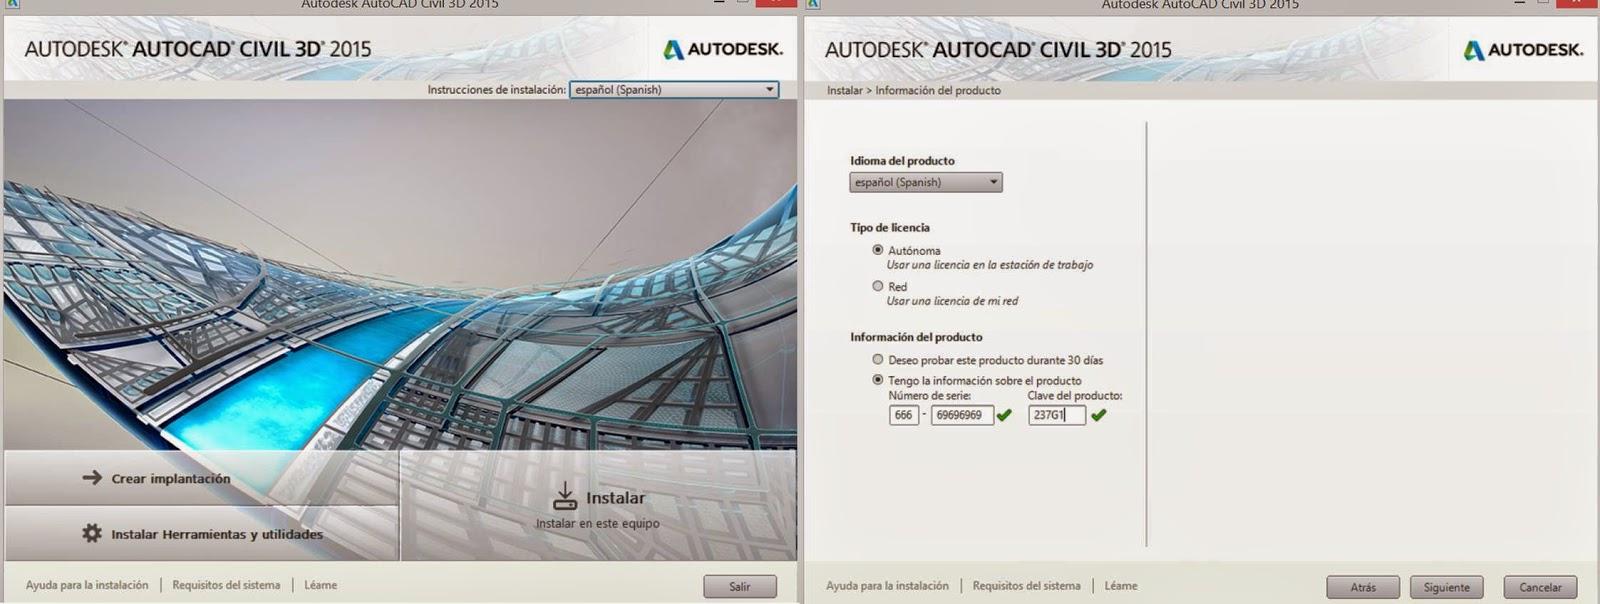 crack autocad civil 3d 2015 64 bits - crack autocad civil 3d 2015 64 bits